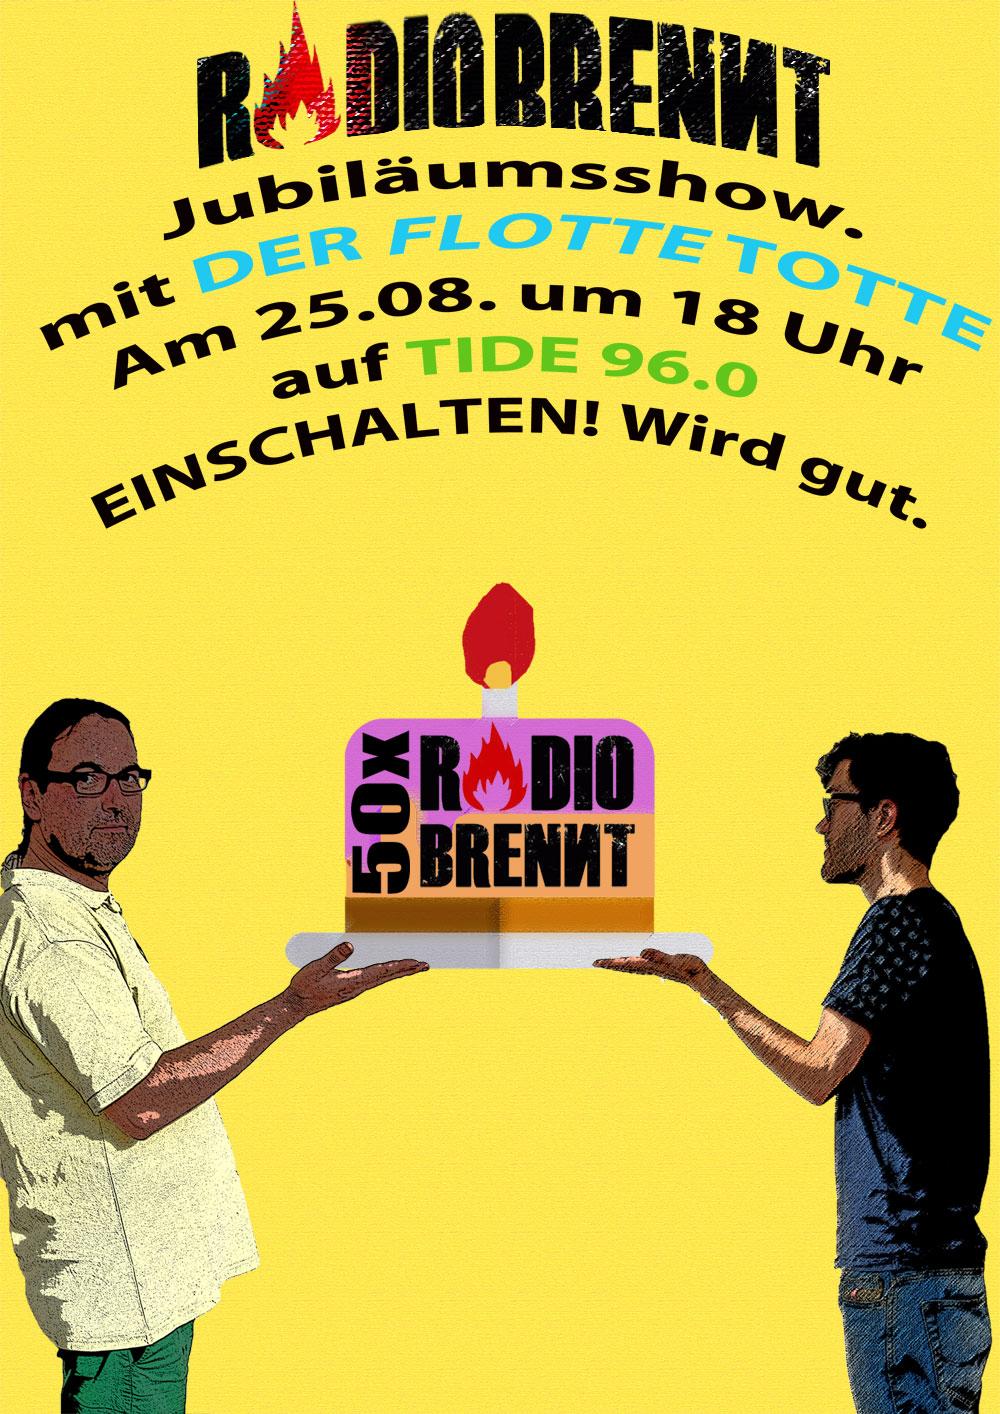 Radio-Brennt-50-Plakatalt-Typo-klein